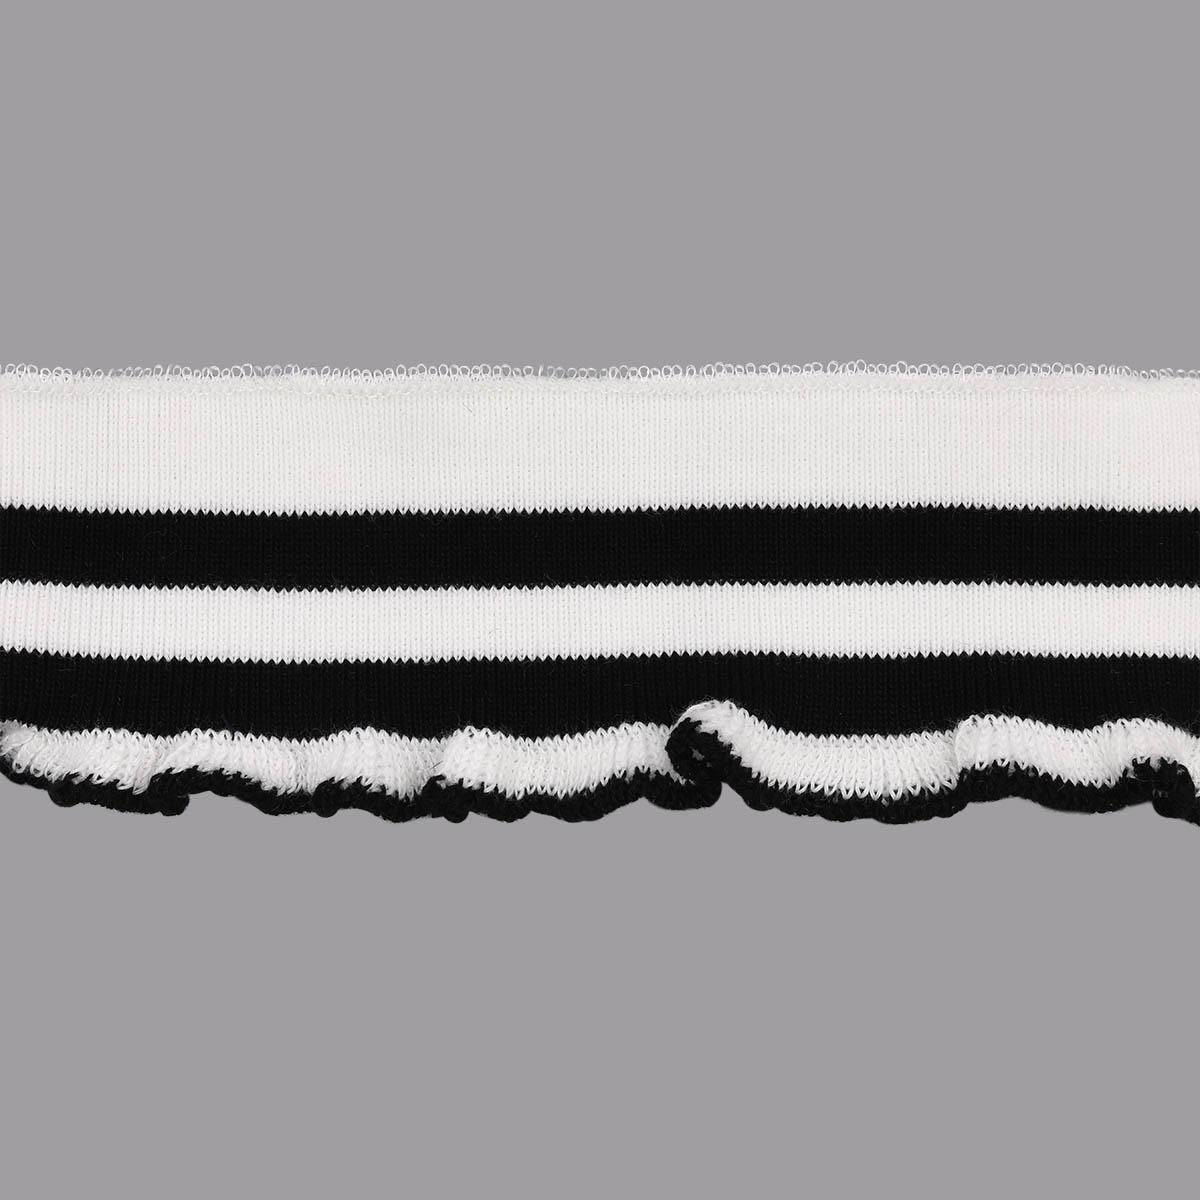 3AR1184 Подвяз трикотажный с рюшами (98% полиэстер, 2% спандекс) 5см*1м